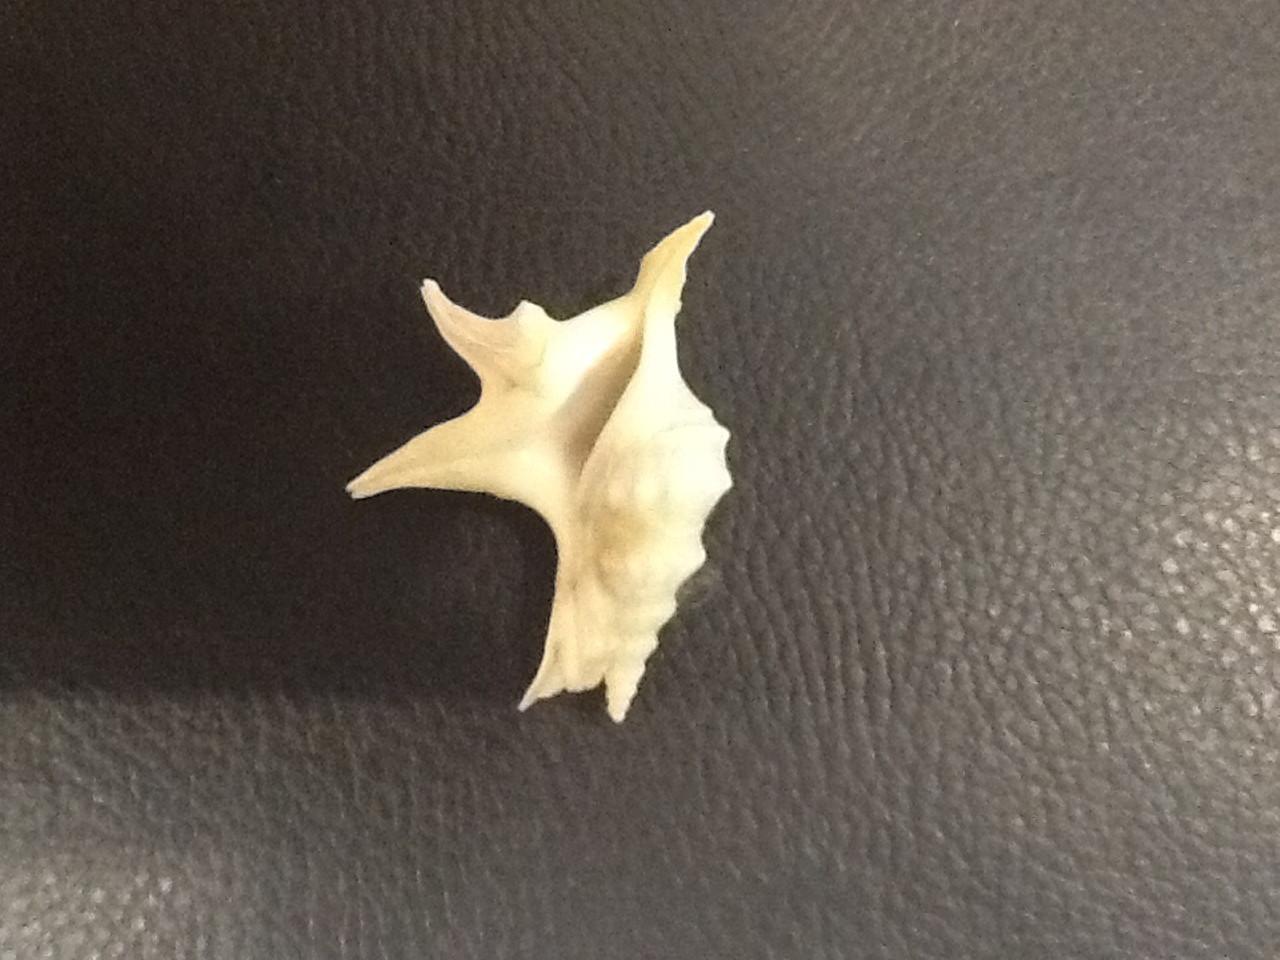 Aporrhaidae. Aporrhais pespelicani pespelicani